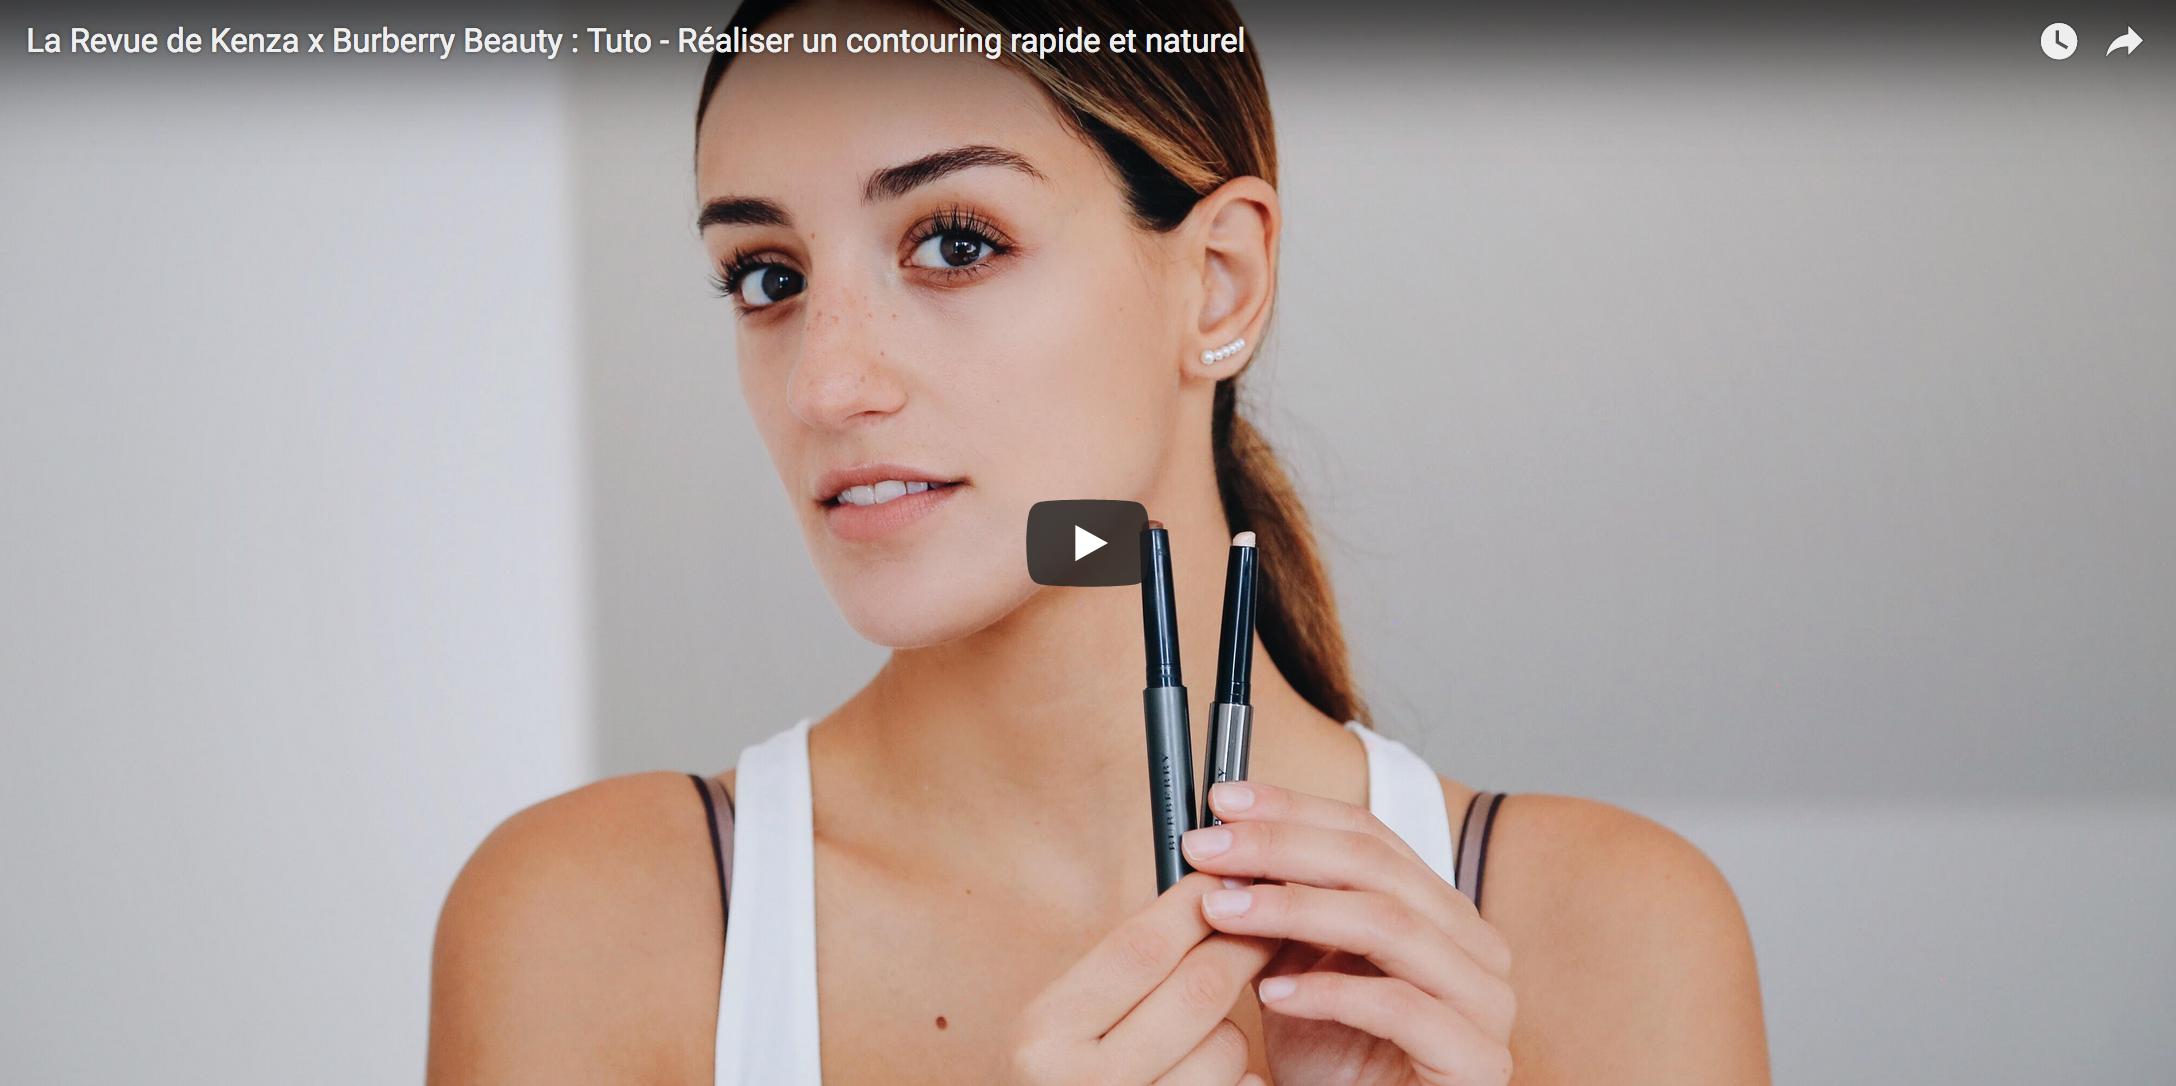 Tutorial vidéo (Burberry Beauty) : Réaliser un contouring